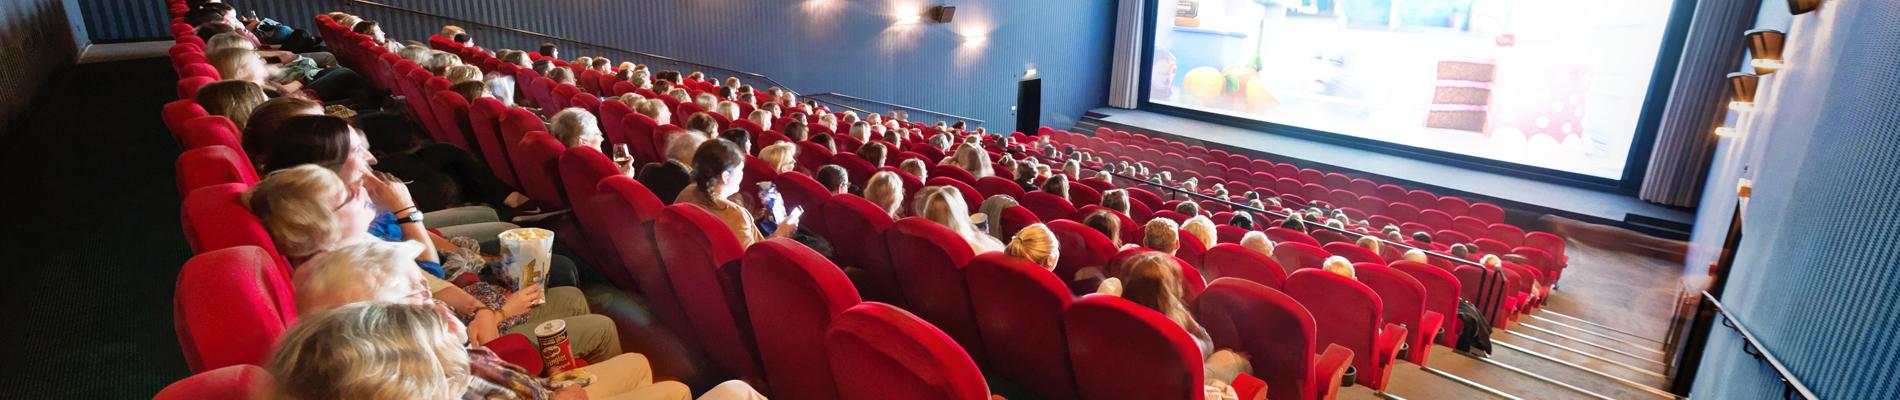 Filmpassage Osnabrück Preise